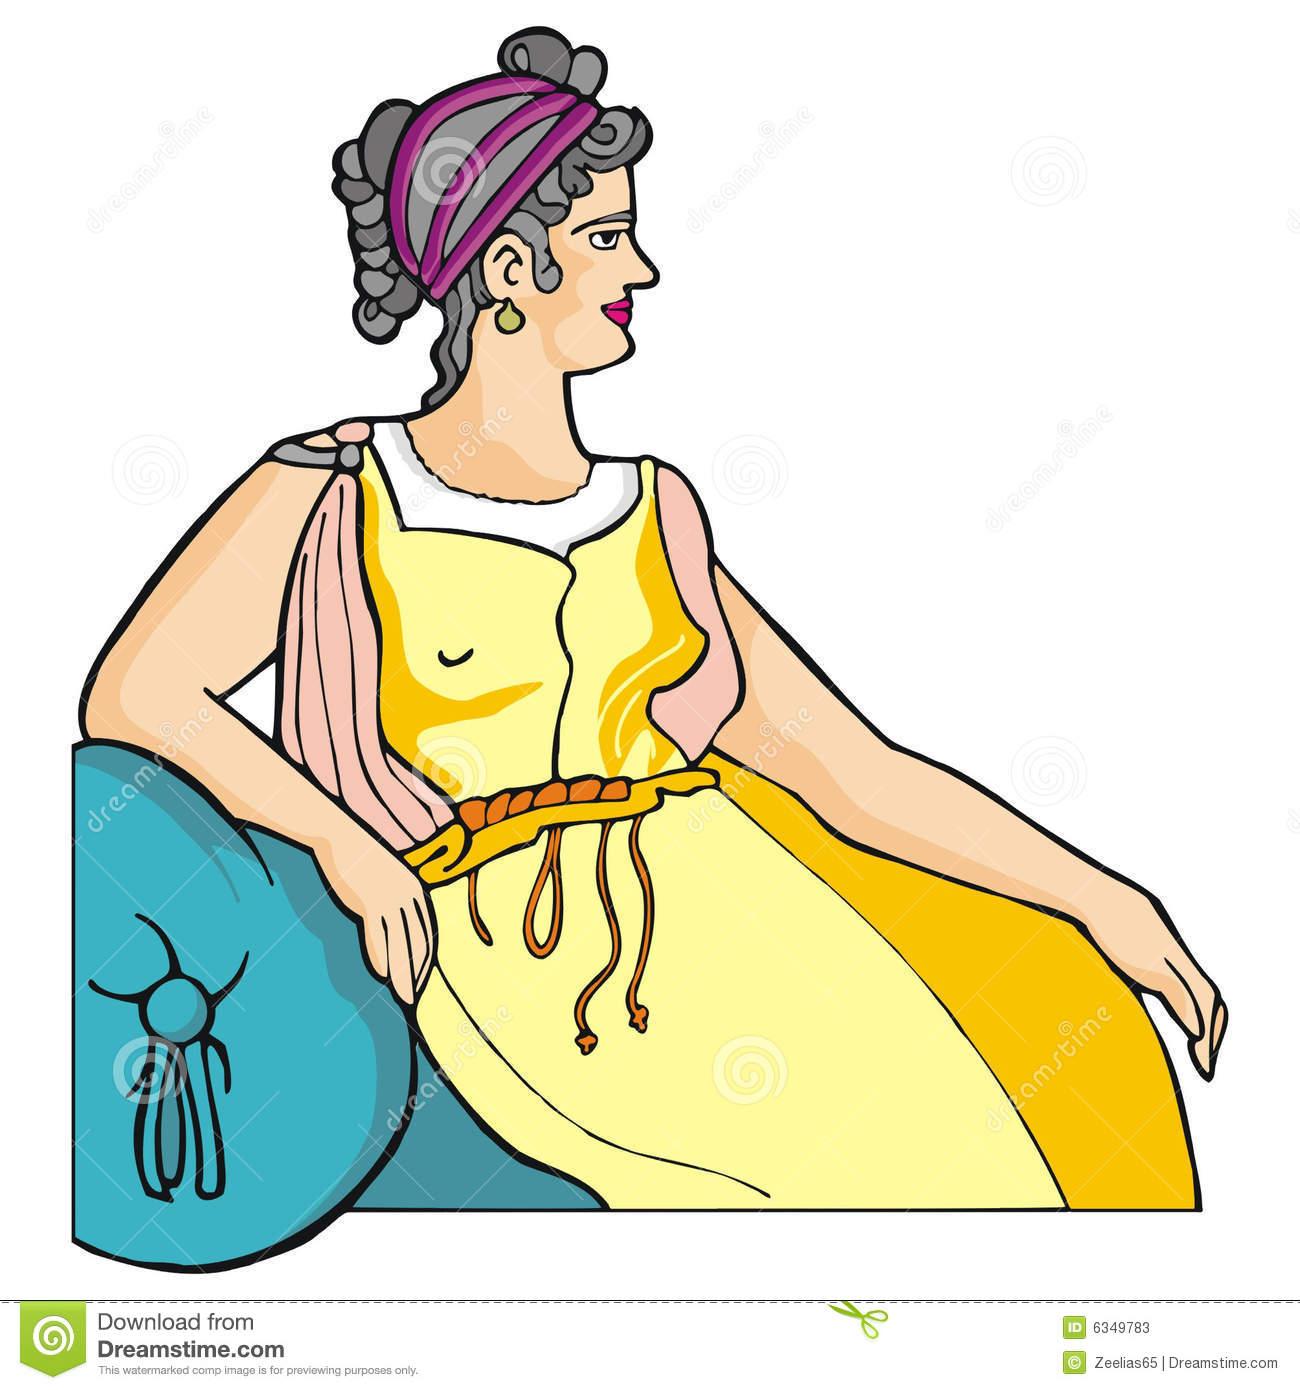 Greek woman clipart transparent stock Greek Woman Stock Photos - Image: 6349783 transparent stock